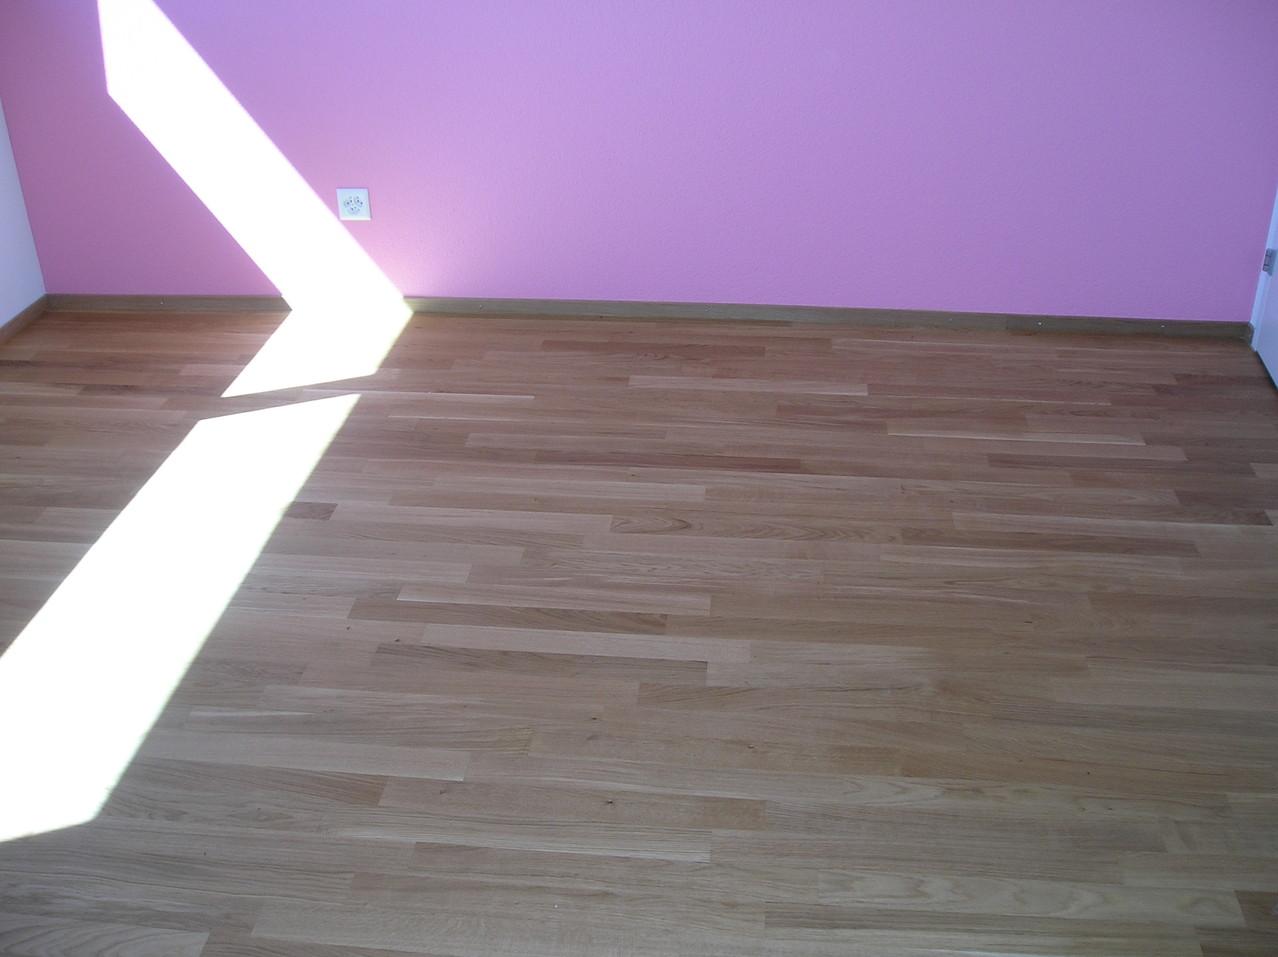 Eichenparkett mit pinker Wand